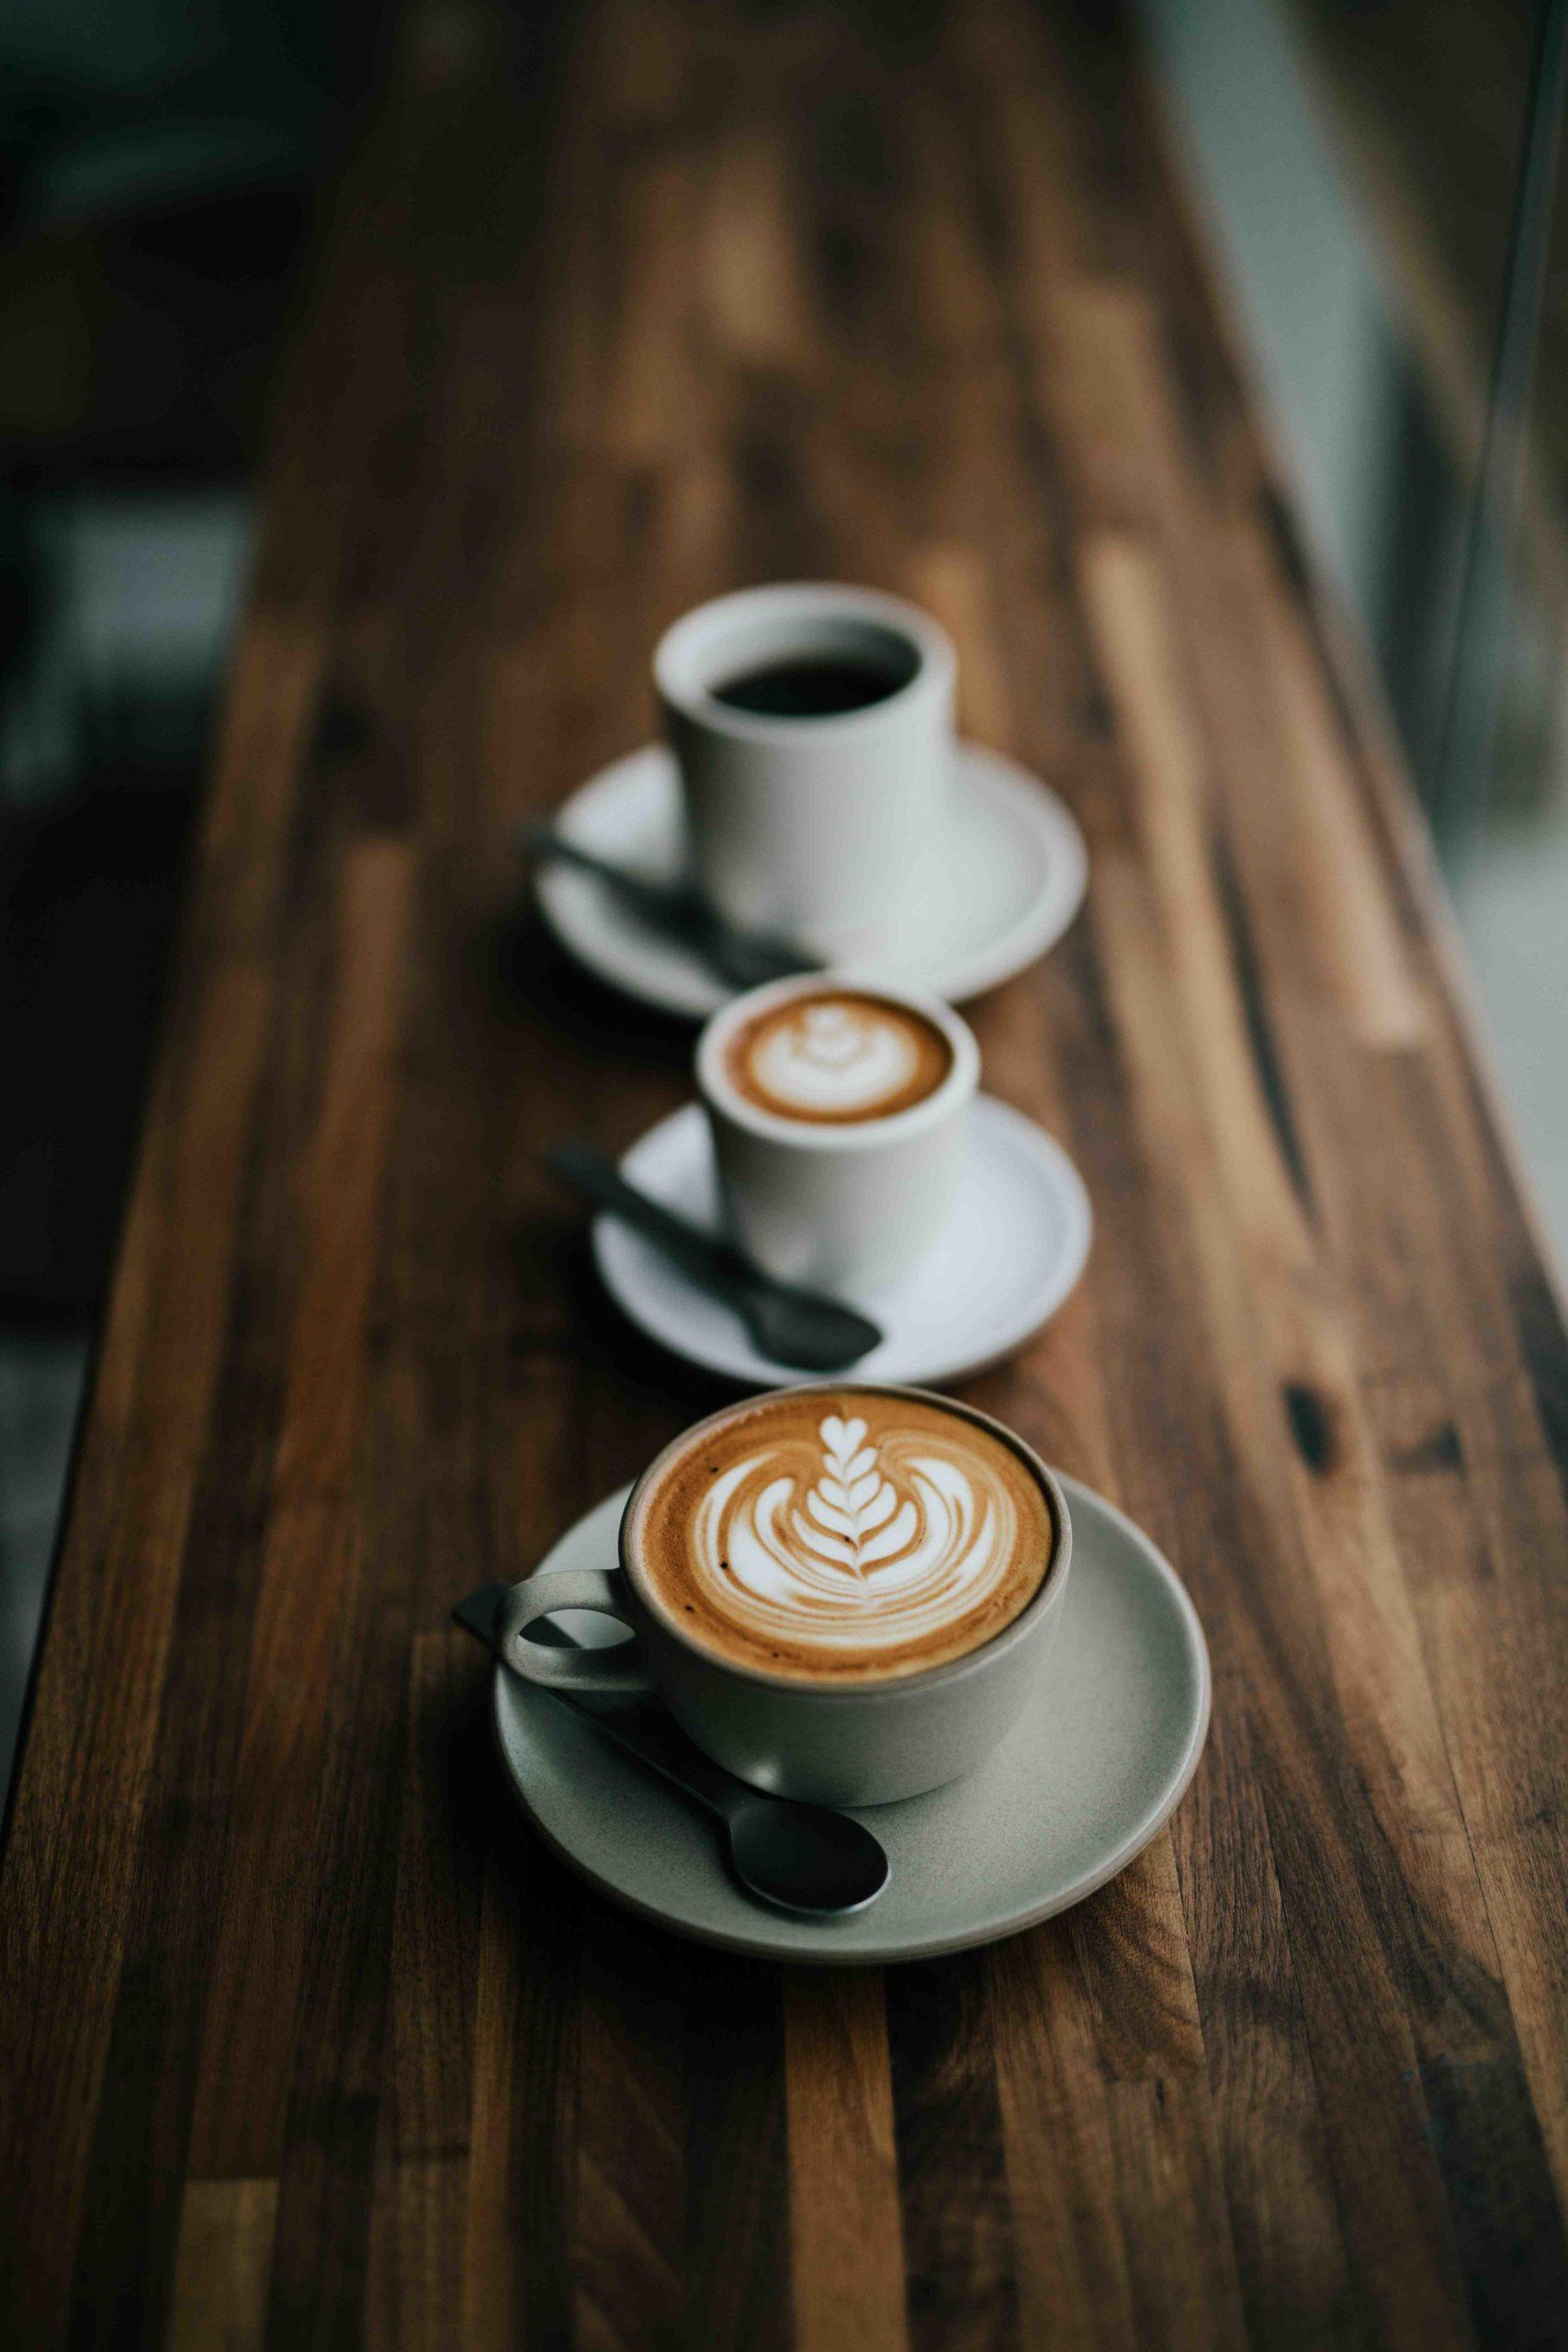 Quelle marque de cafe utilisez-vous ?